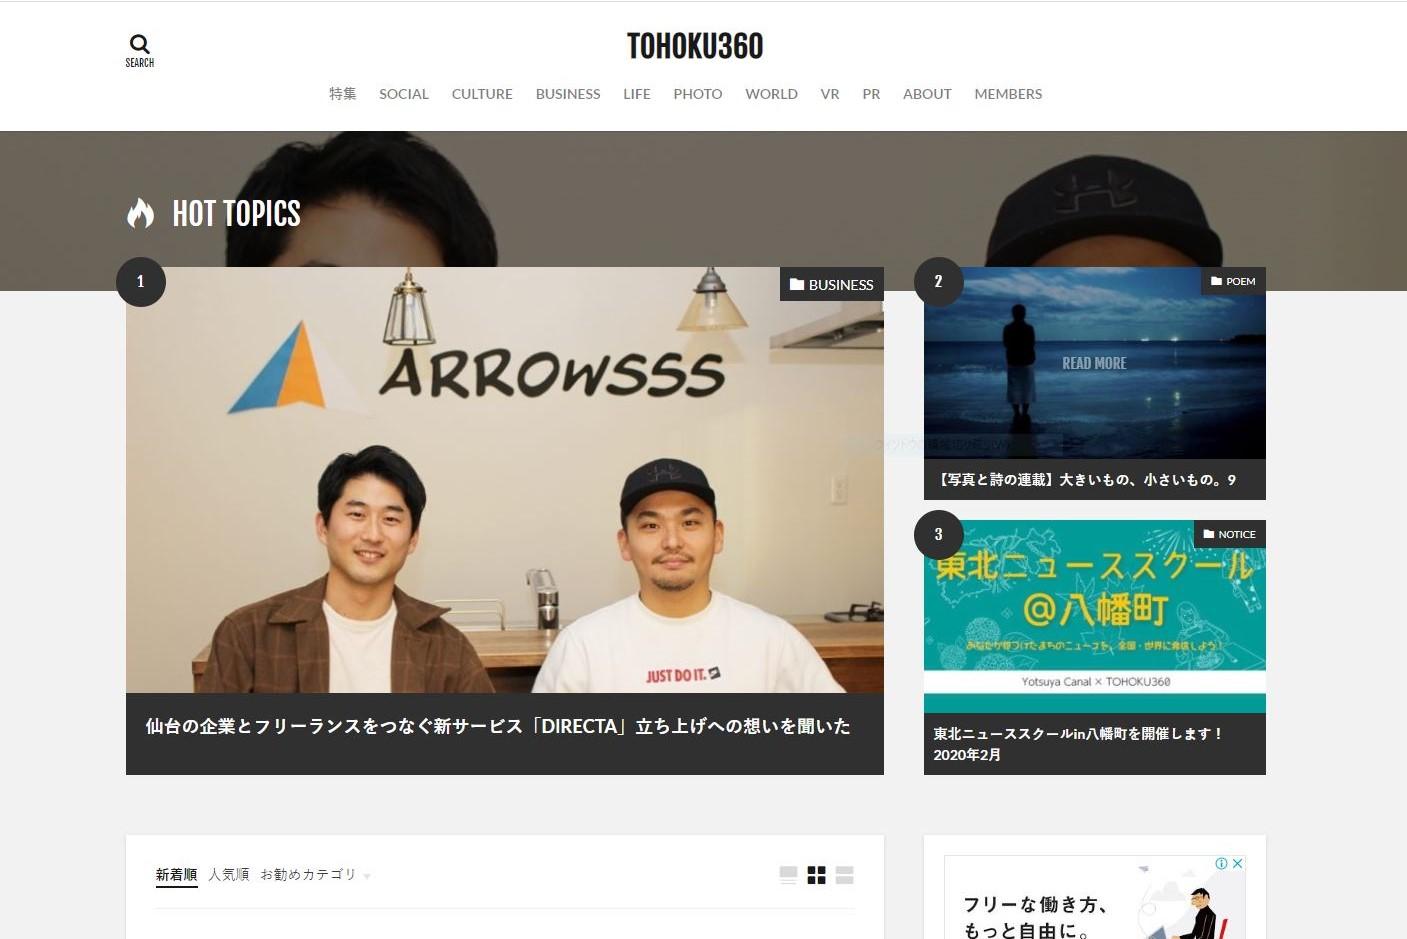 インタビュー】仙台の企業とフリーランスをつなぐ新サービス立ち上げ ...